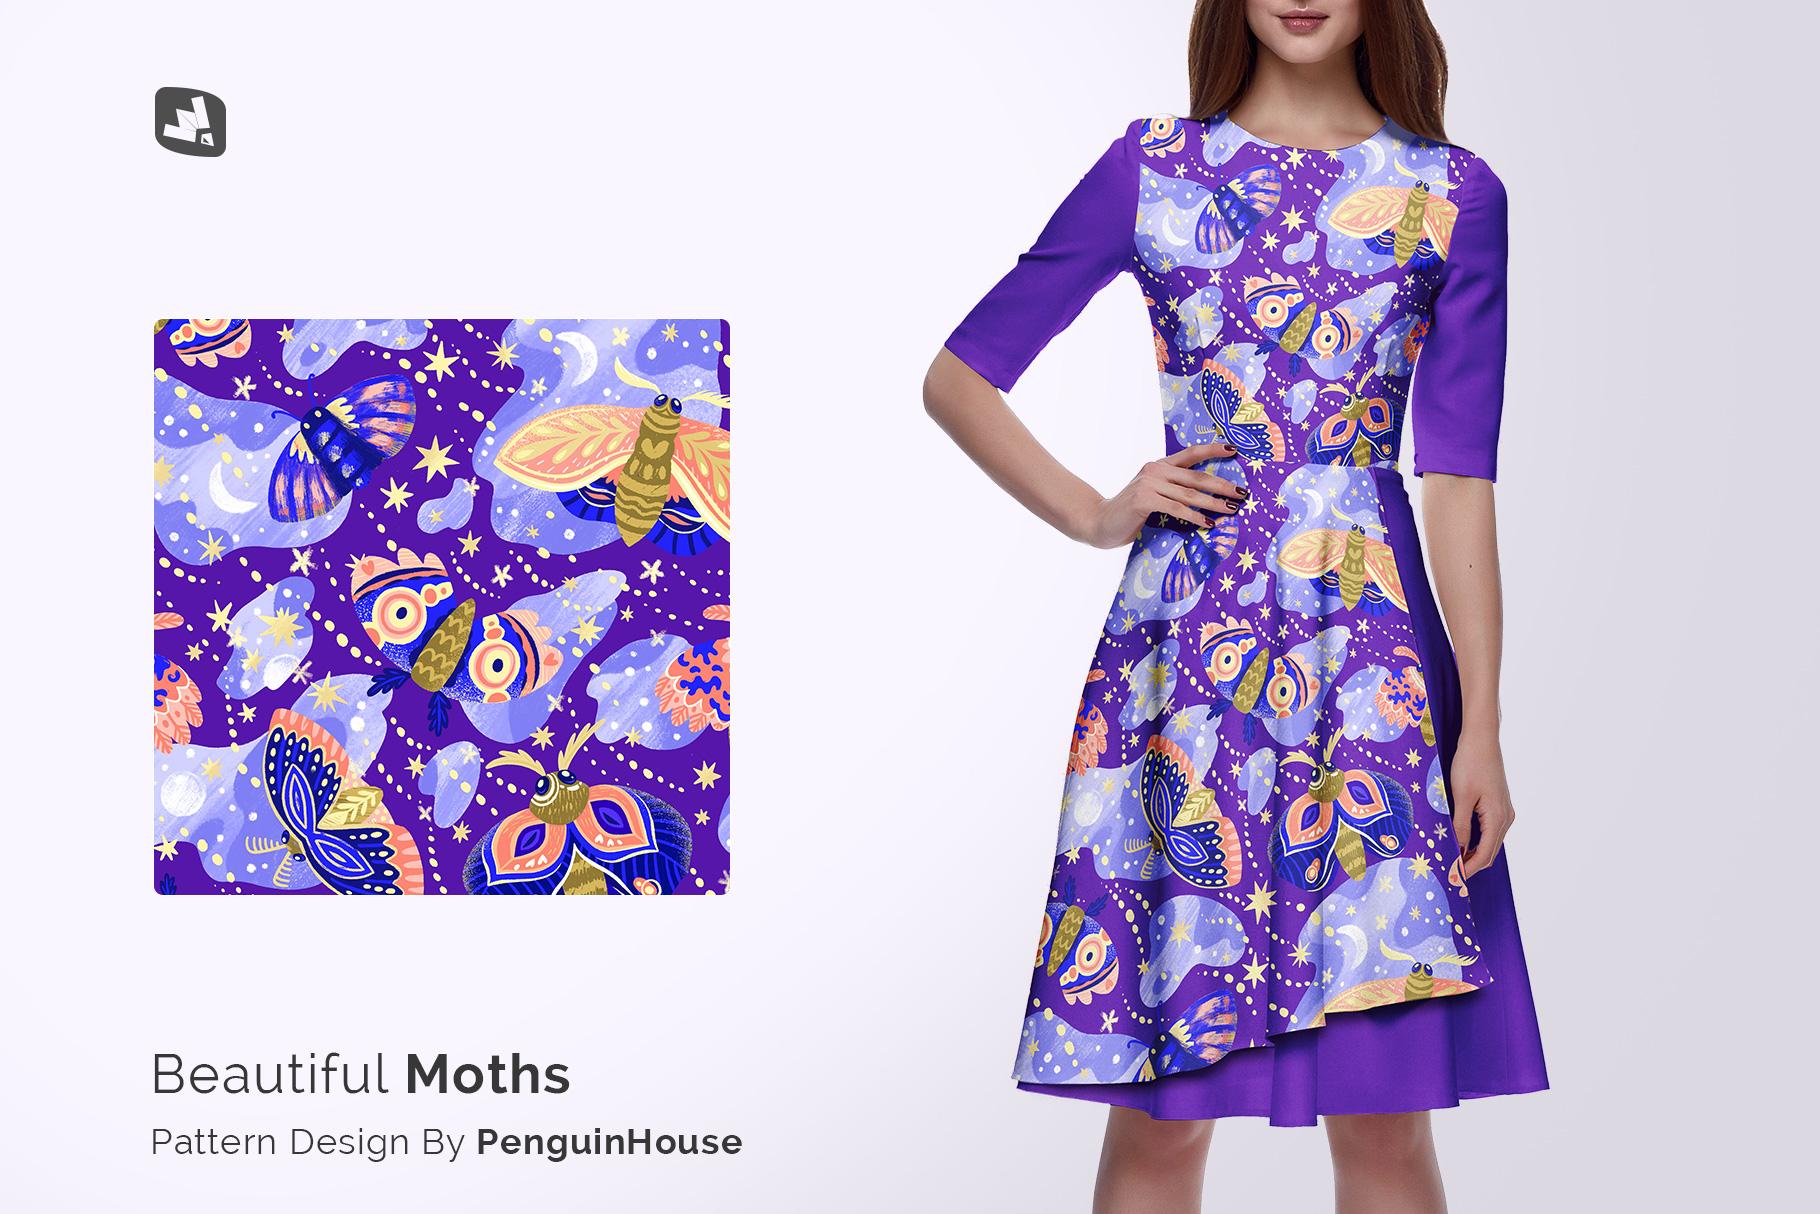 designer;s credit of the female formal dress mockup